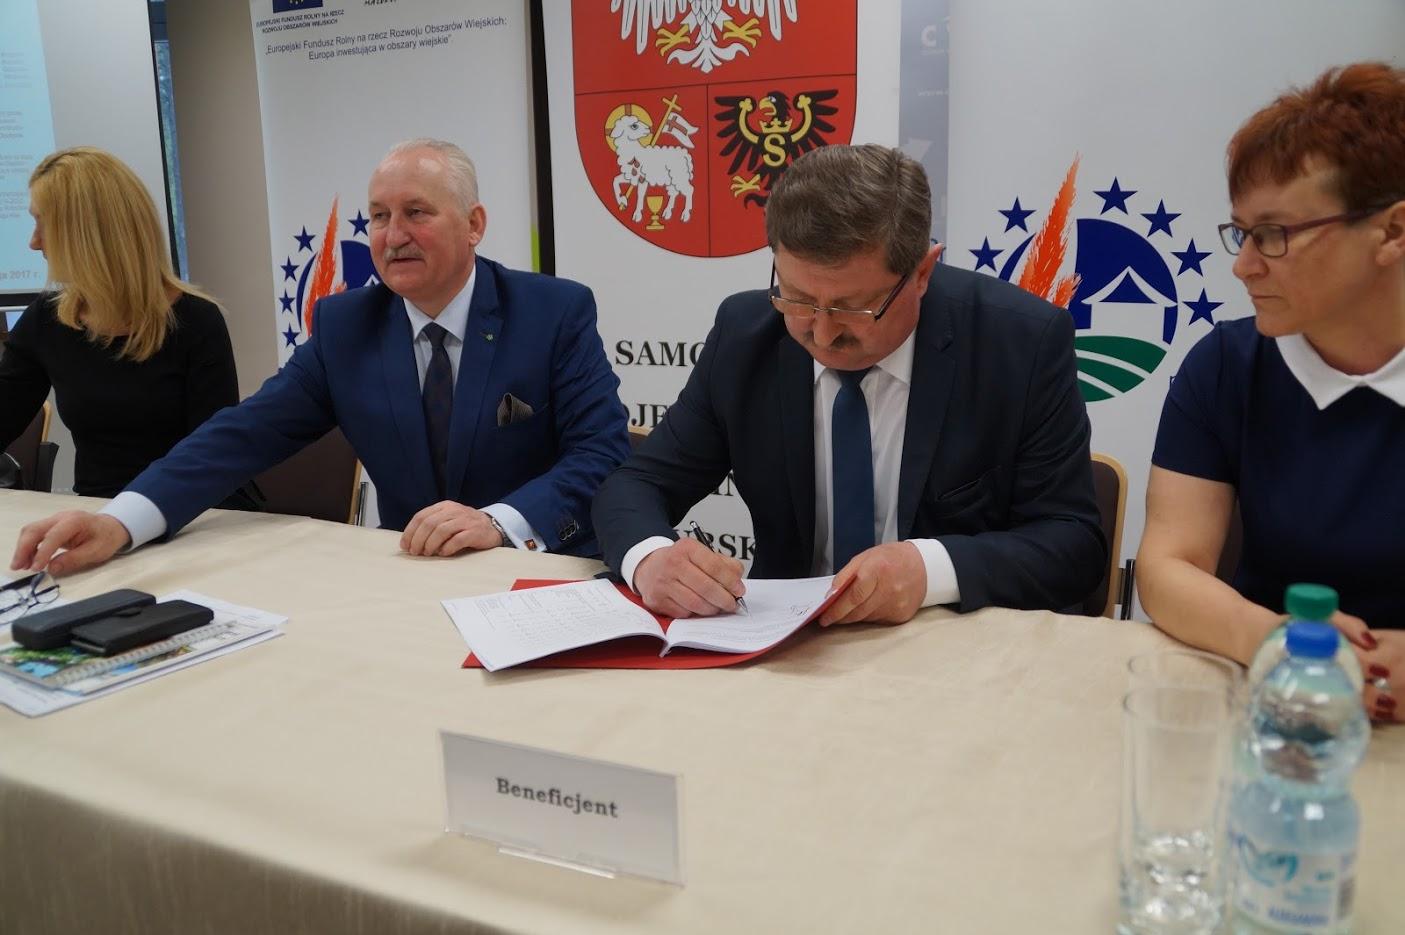 Podpisanie umowy 19.2